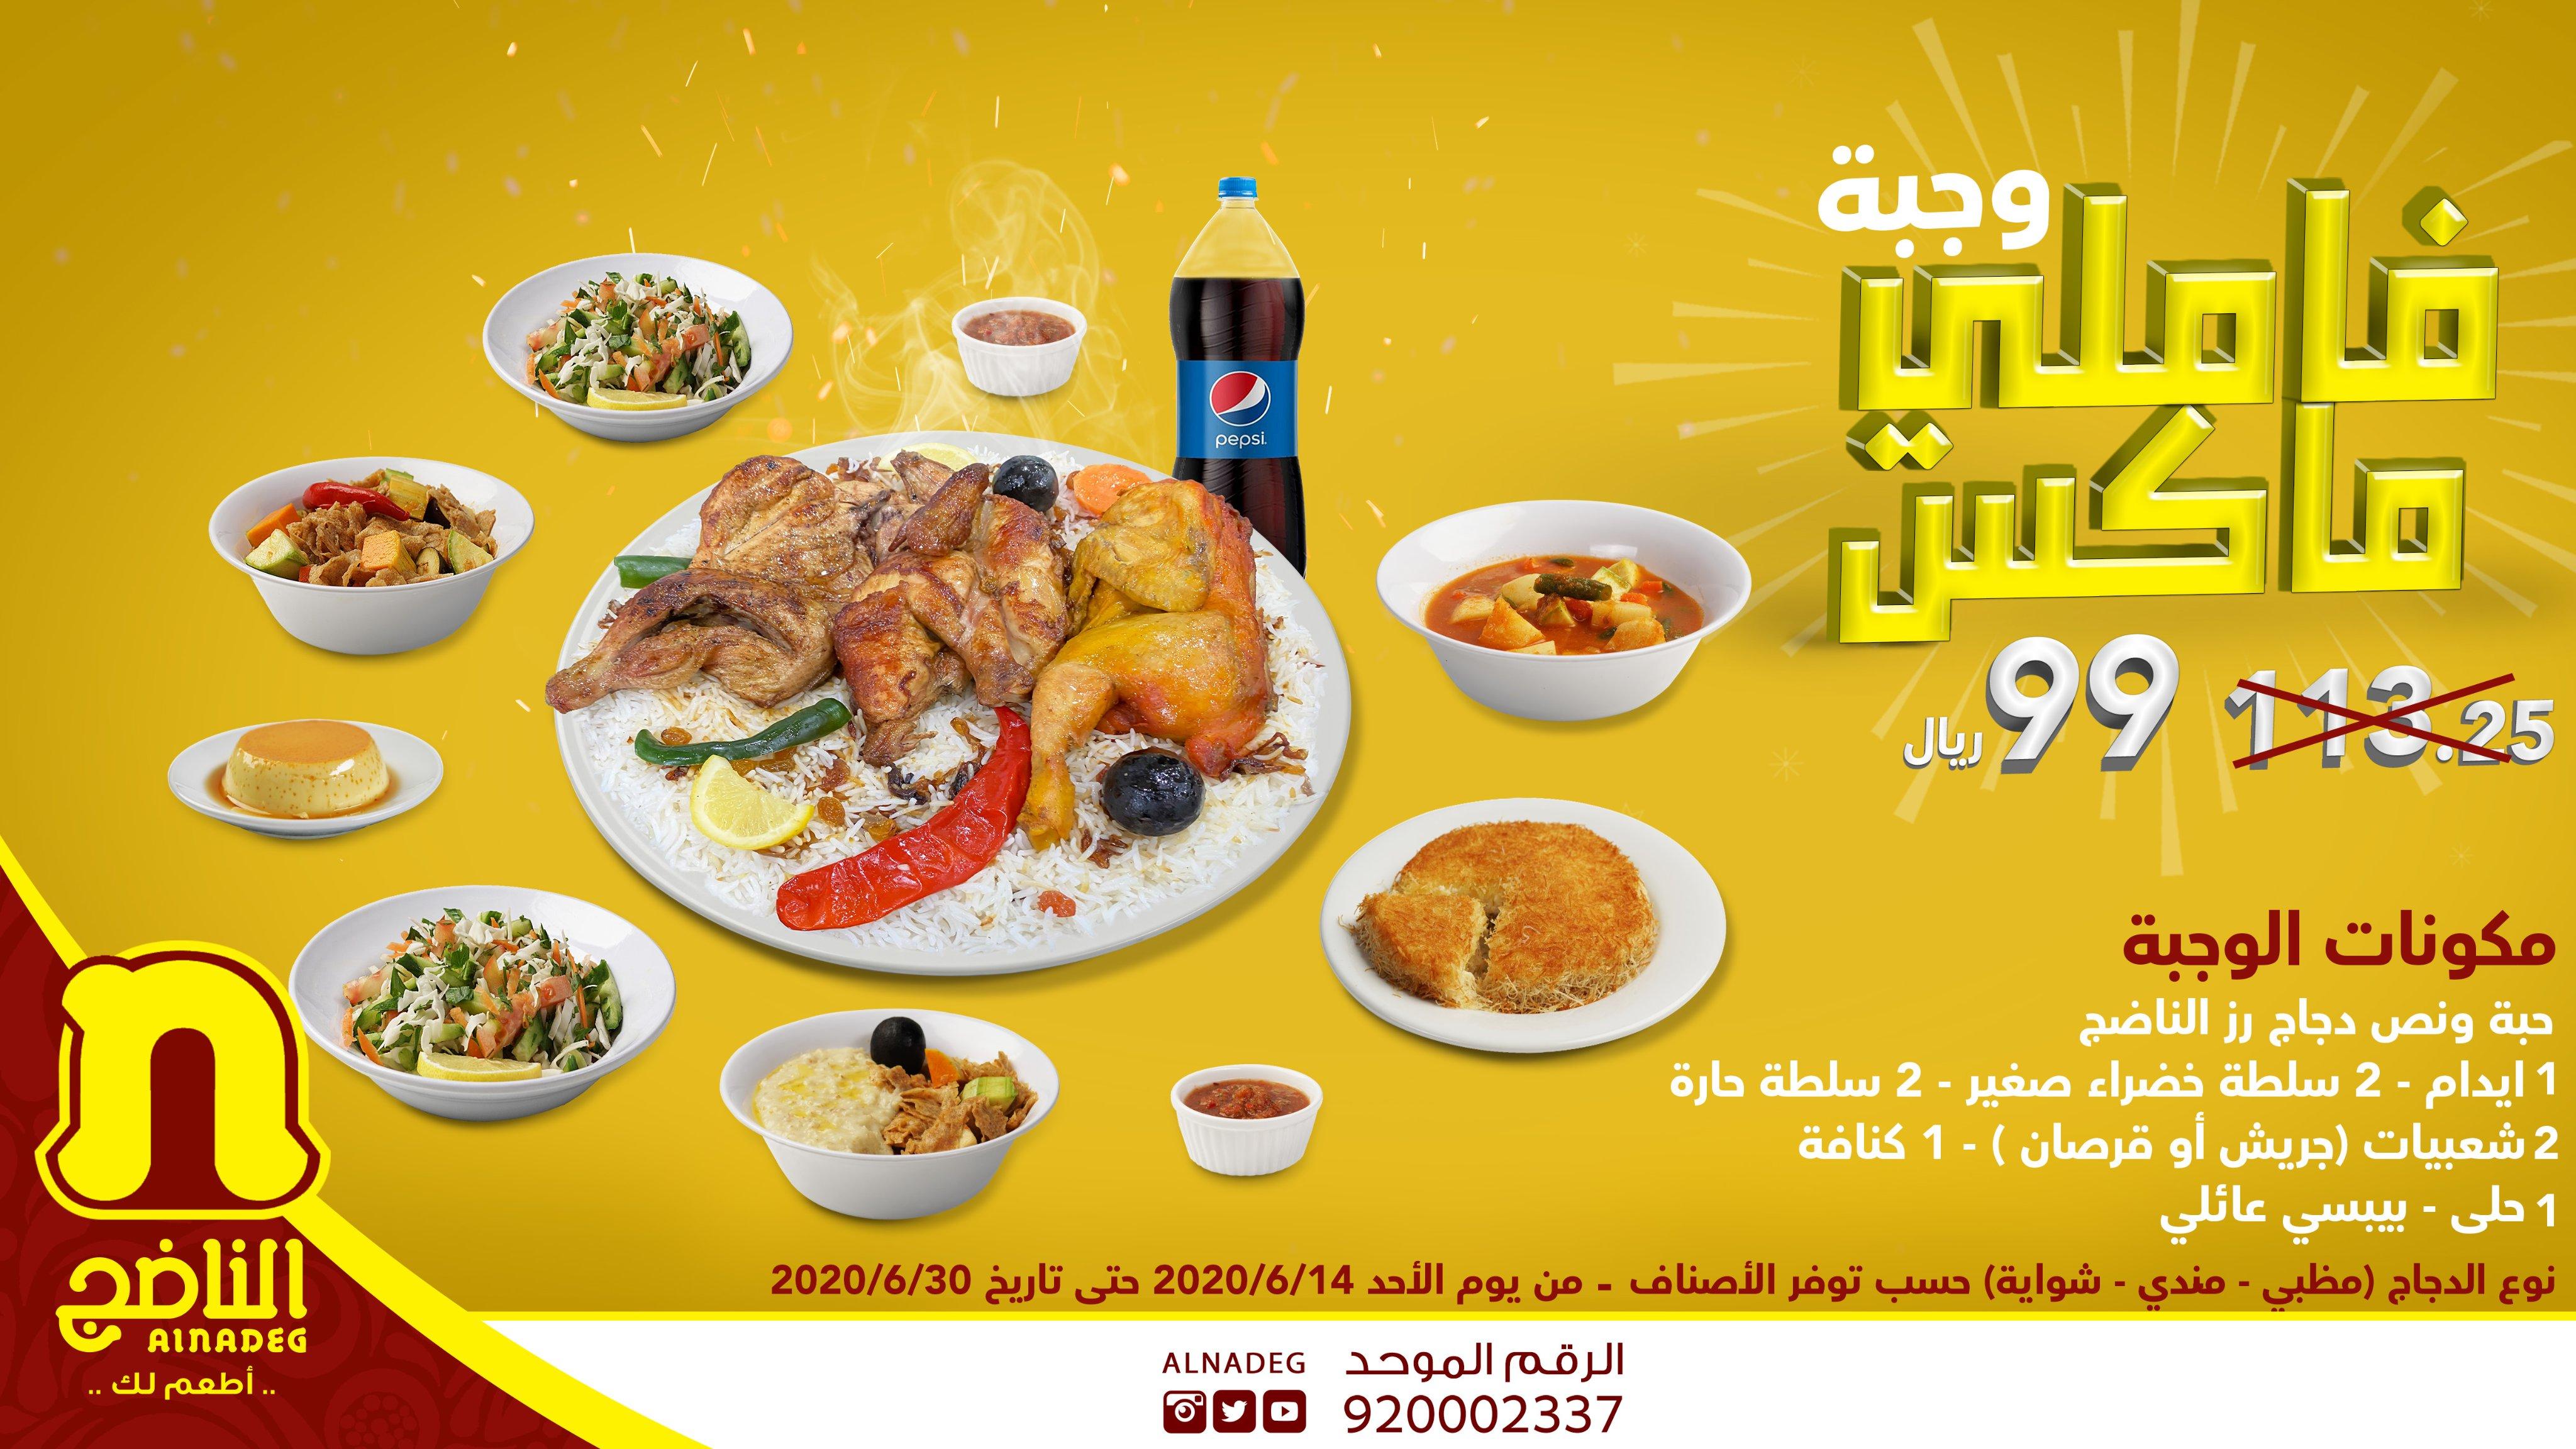 عروض المطاعم عروض مطاعم الناضج علي افضل الوجبات الرهيبة عروض اليوم In 2020 Jaro Offer Saudi Arabia